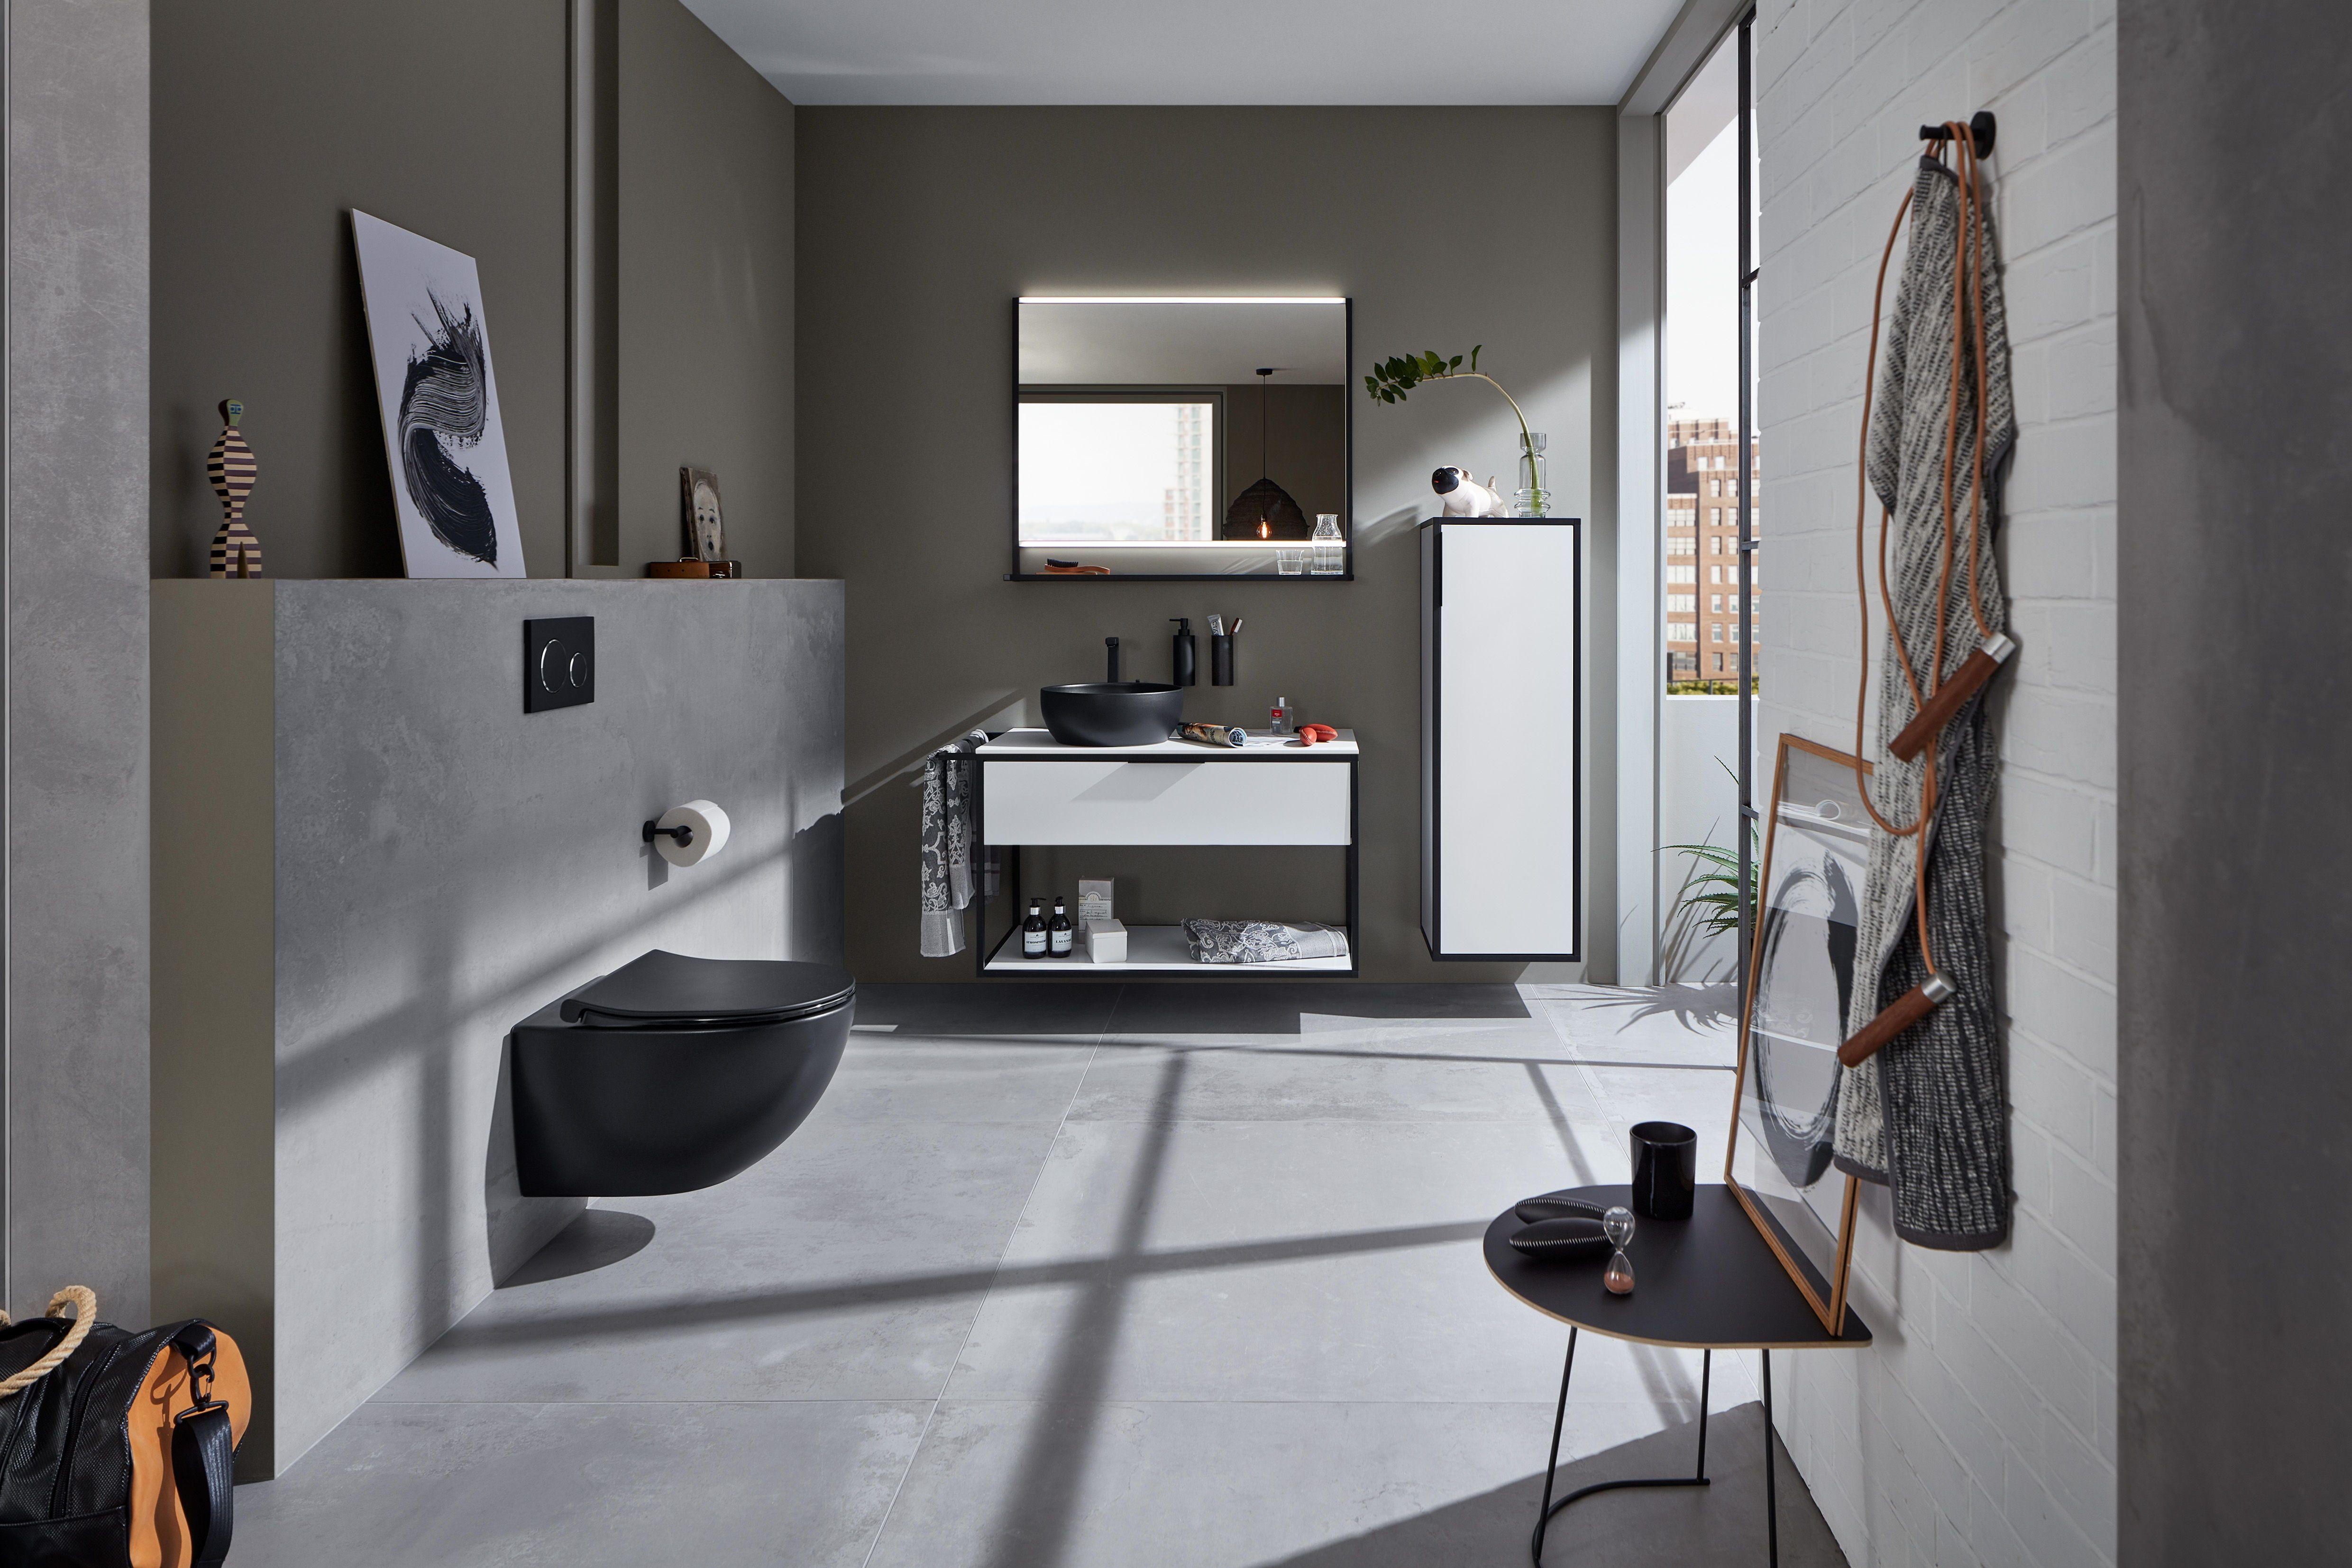 Wohndirwas Neues Badezimmer 7 Tipps Wie Du Kosten Sparen Kannst In 2020 Neues Badezimmer Badezimmer Badezimmerrenovierung